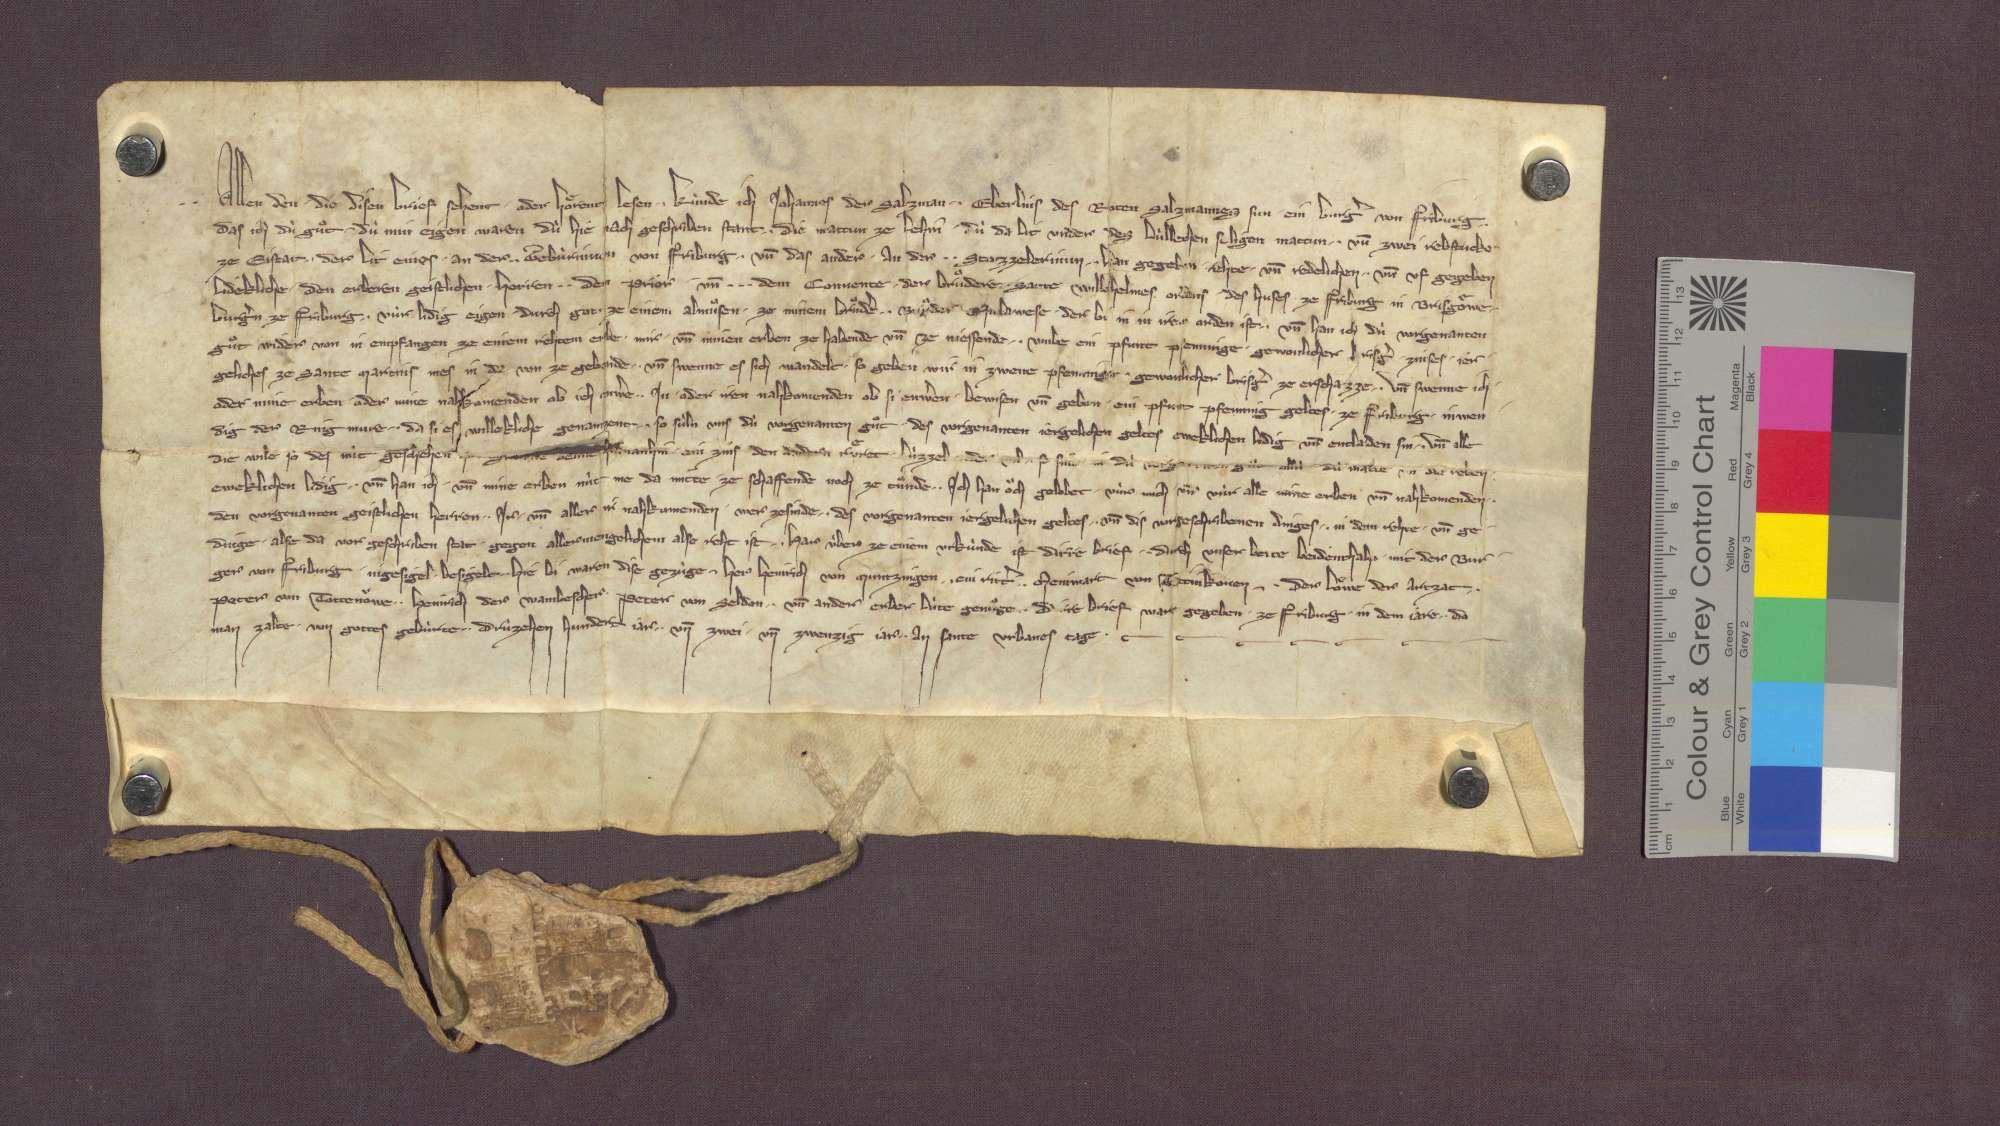 Johann der Salzman, Bürger zu Freiburg, schenkt den Wilhelmiten zu Freiburg zu einem Almosen für seinen dem Kloster angehörigen Bruder eine Matte zu Lehen und 2 Rebstücke zu Eichstetten, indem er sich und seinen Nachkommen dieselben gegen 1 Pfund Pfennige Zins zu Erblehen übertragen lässt., Bild 1